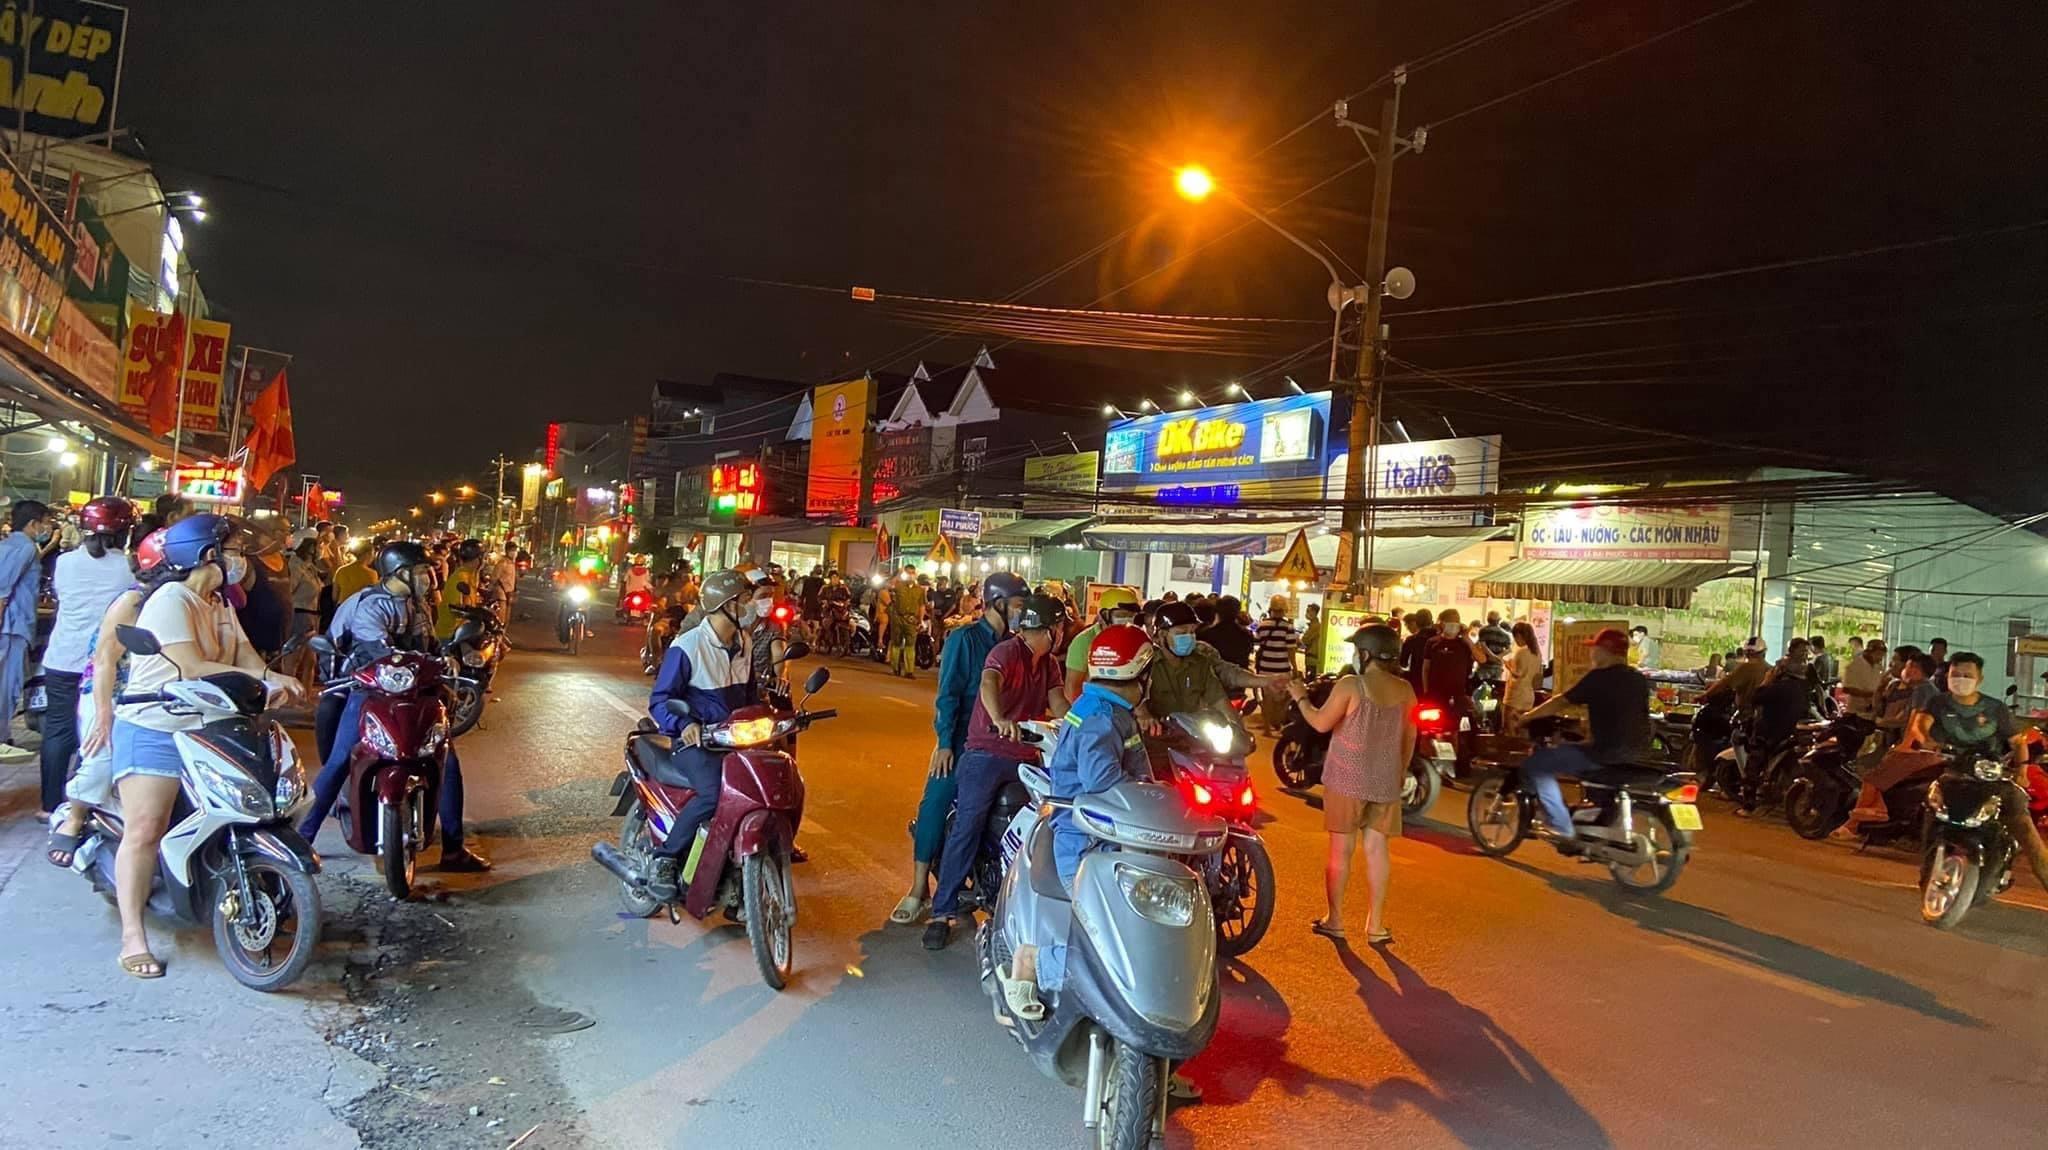 Án mạng kinh hoàng ở Đồng Nai, 2 người bị đâm gục - Ảnh 3.